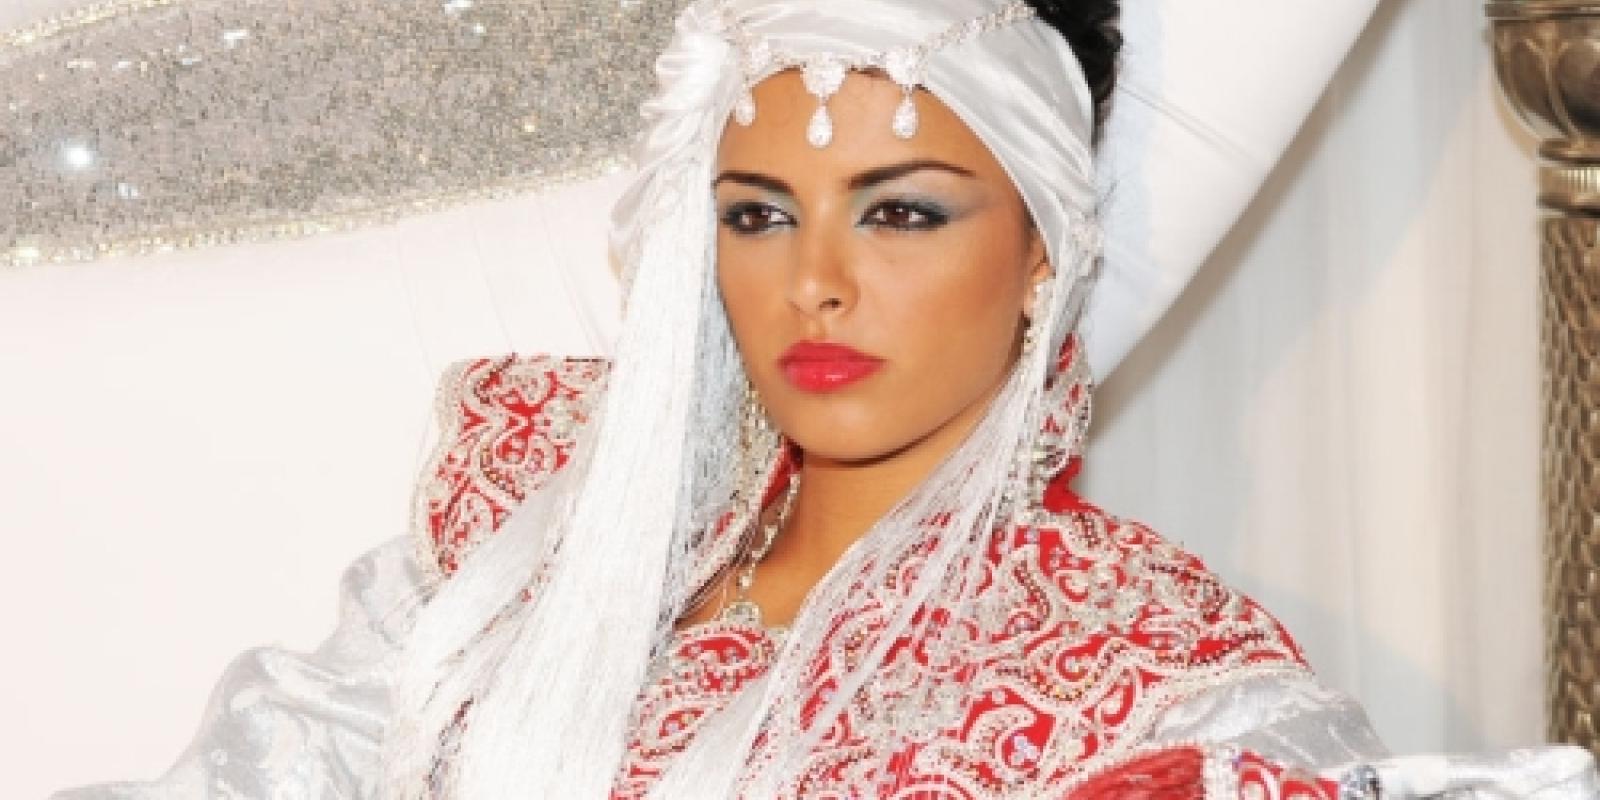 Ethnikka.fr : Ambassadeur de la mode oriental en France